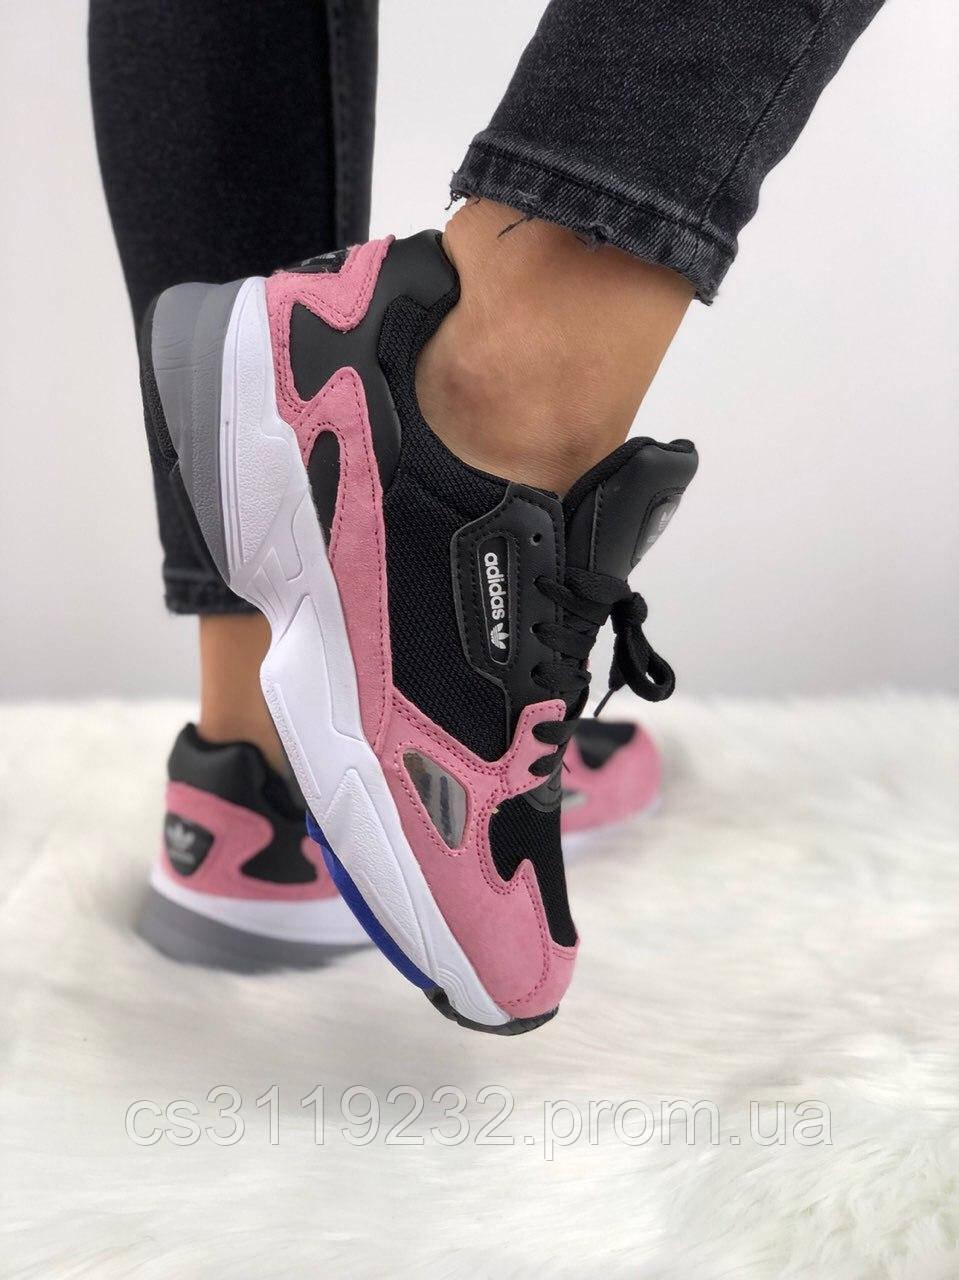 Женские кроссовки Adidas Falcon Black Pink White (черный/розовый/белый)